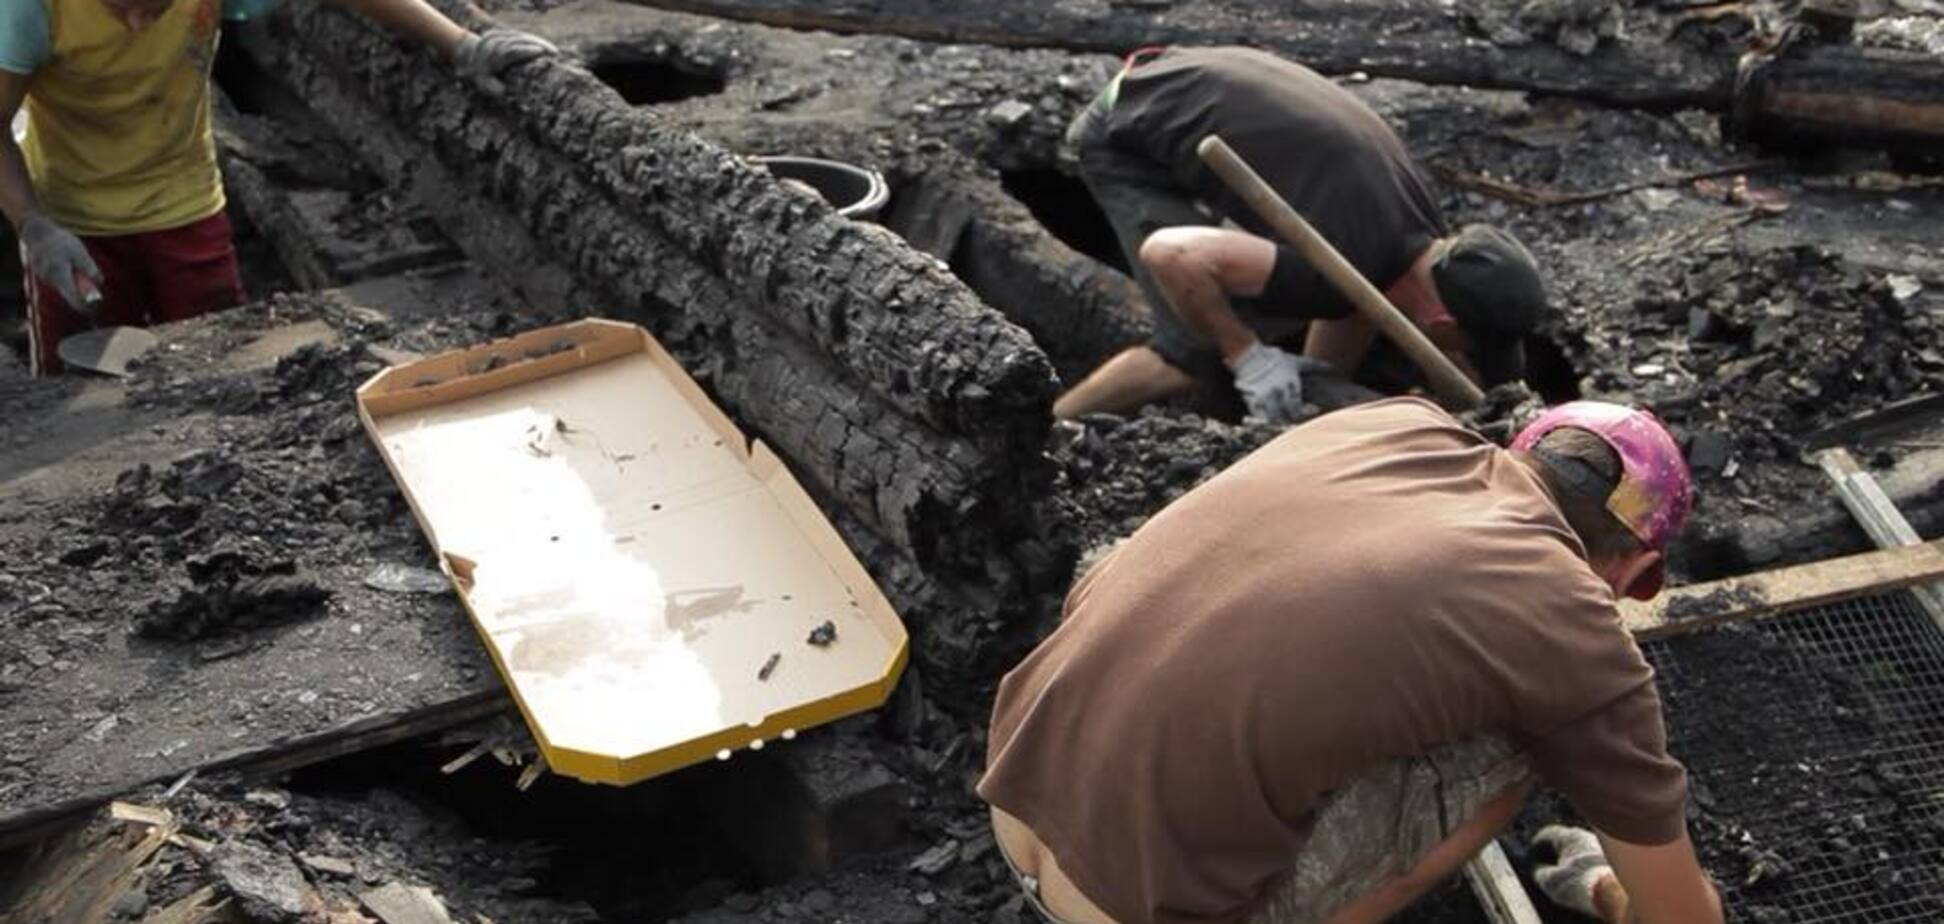 Нашли кости и зубы: всплыли шокирующие детали пожара в лагере 'Виктория'